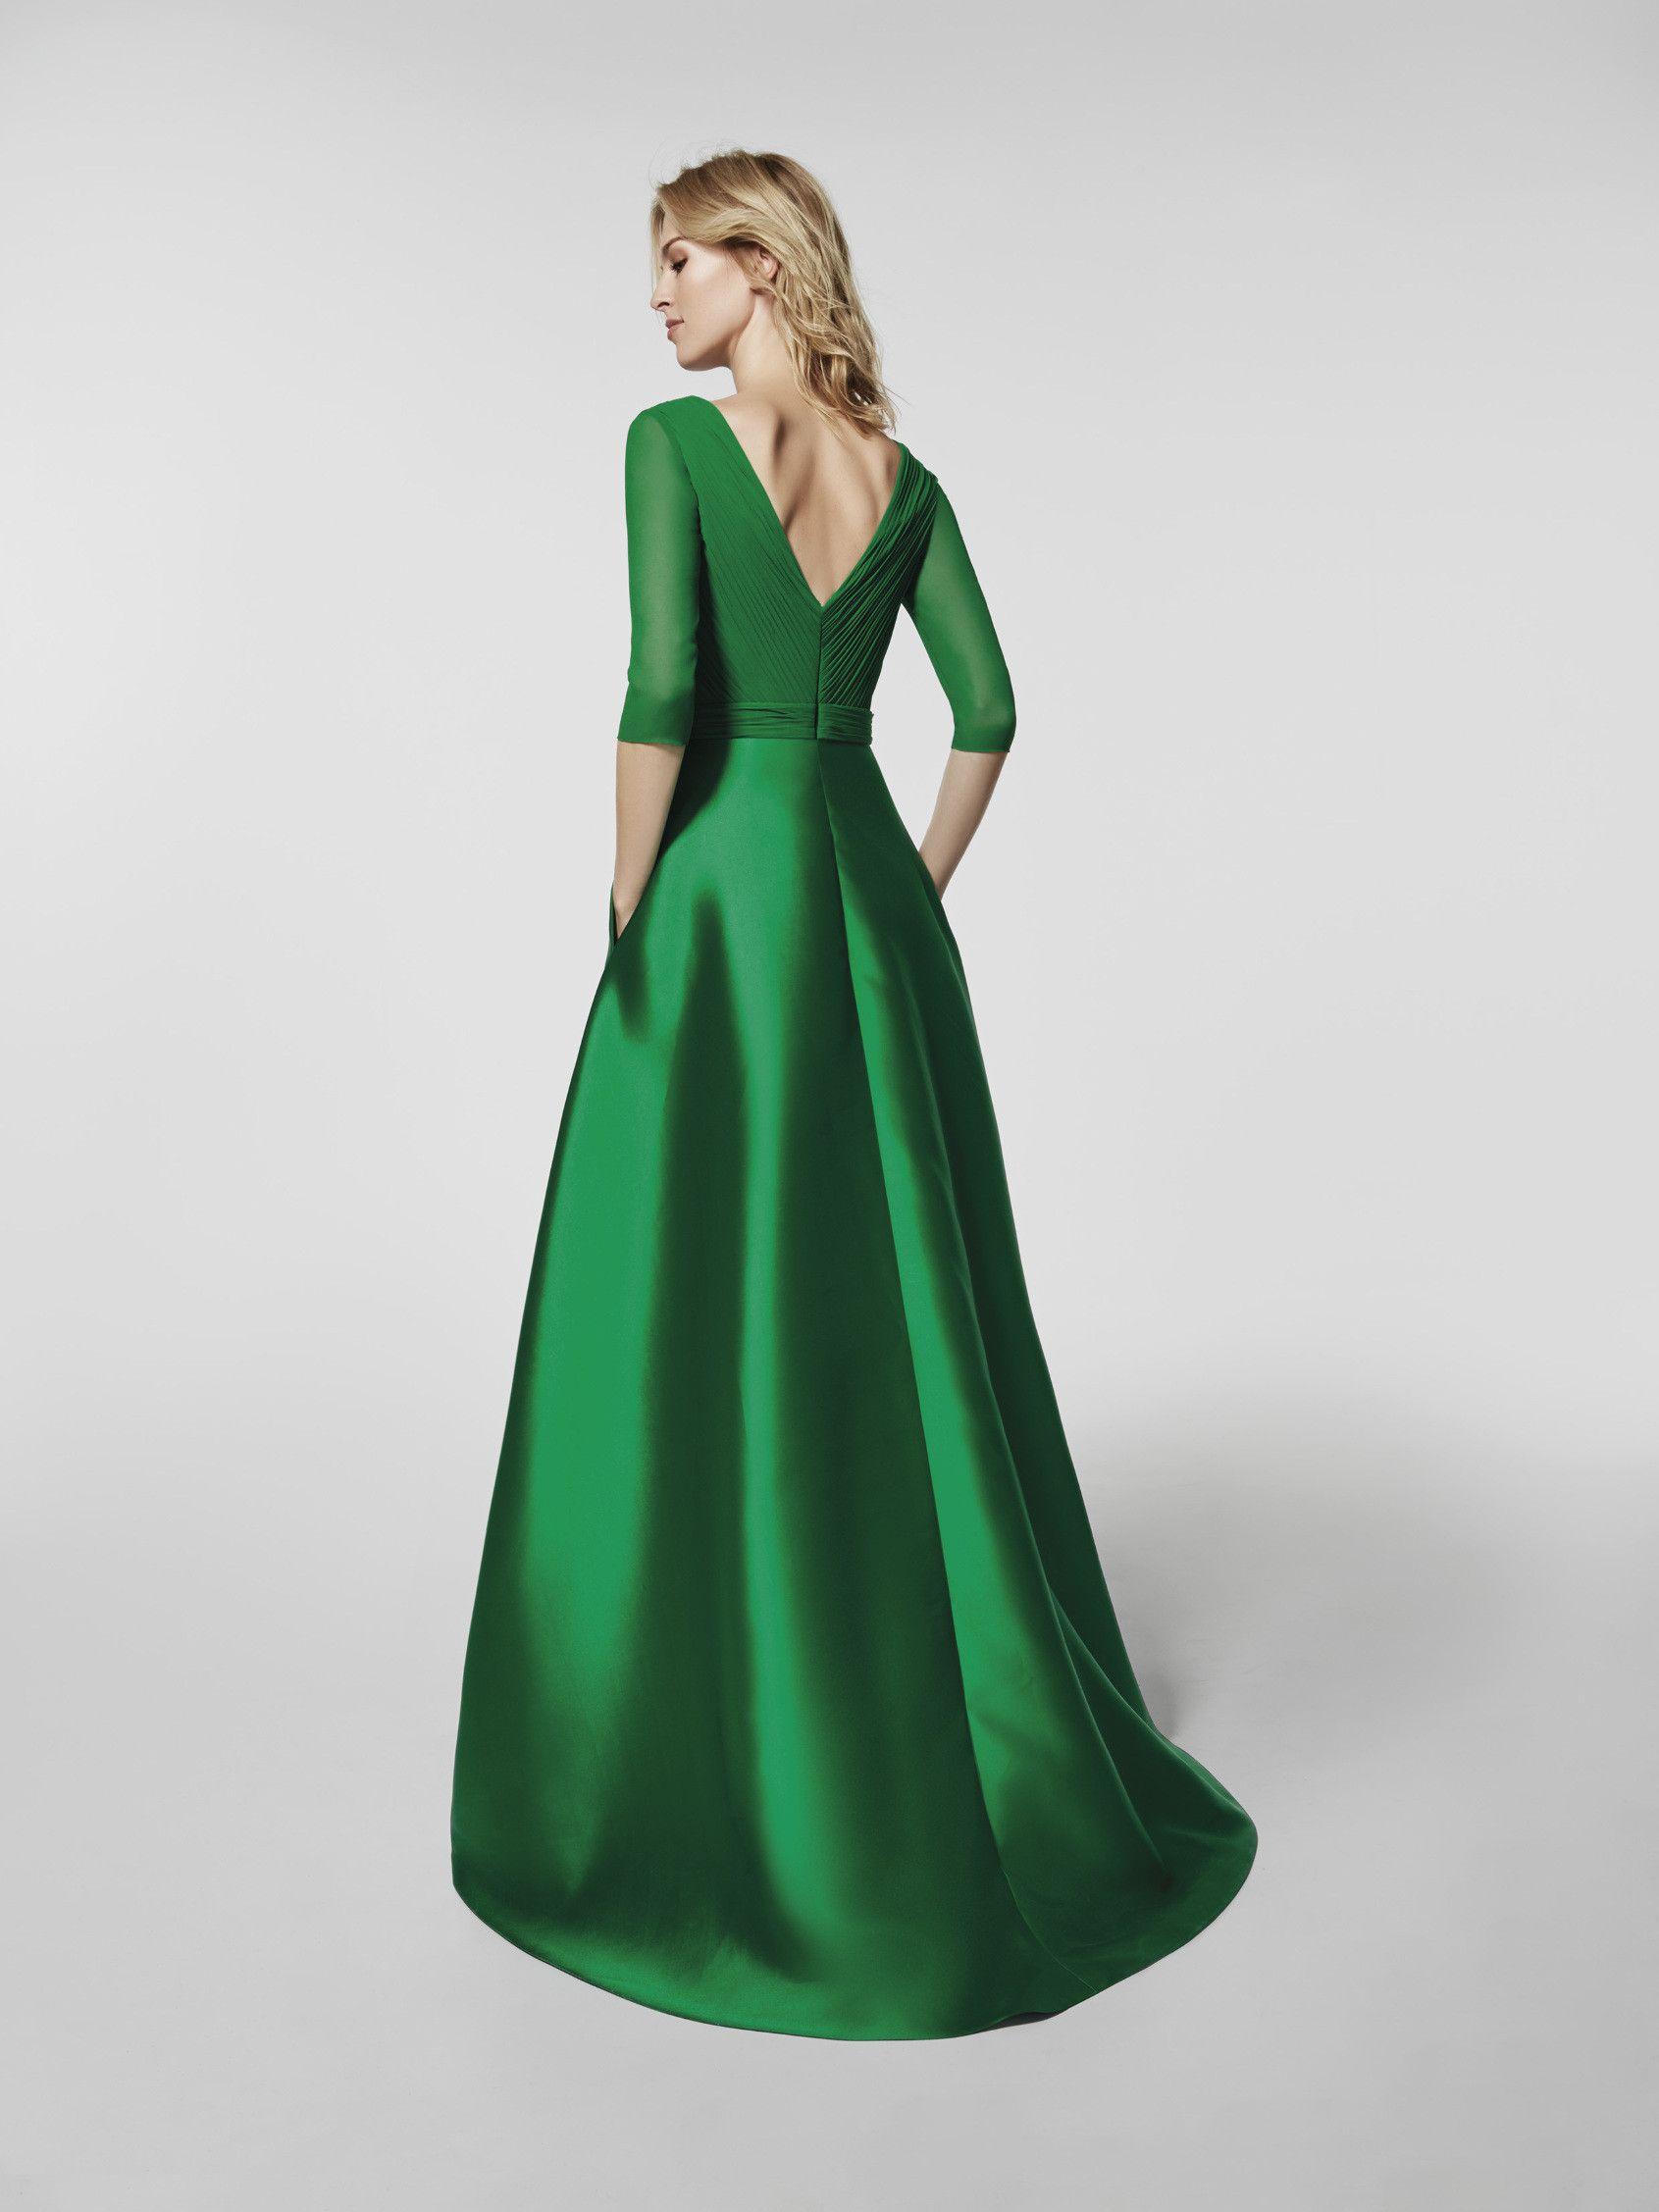 Imagen del vestido de fiesta verde (62077). Vestido GRACIELA largo ...